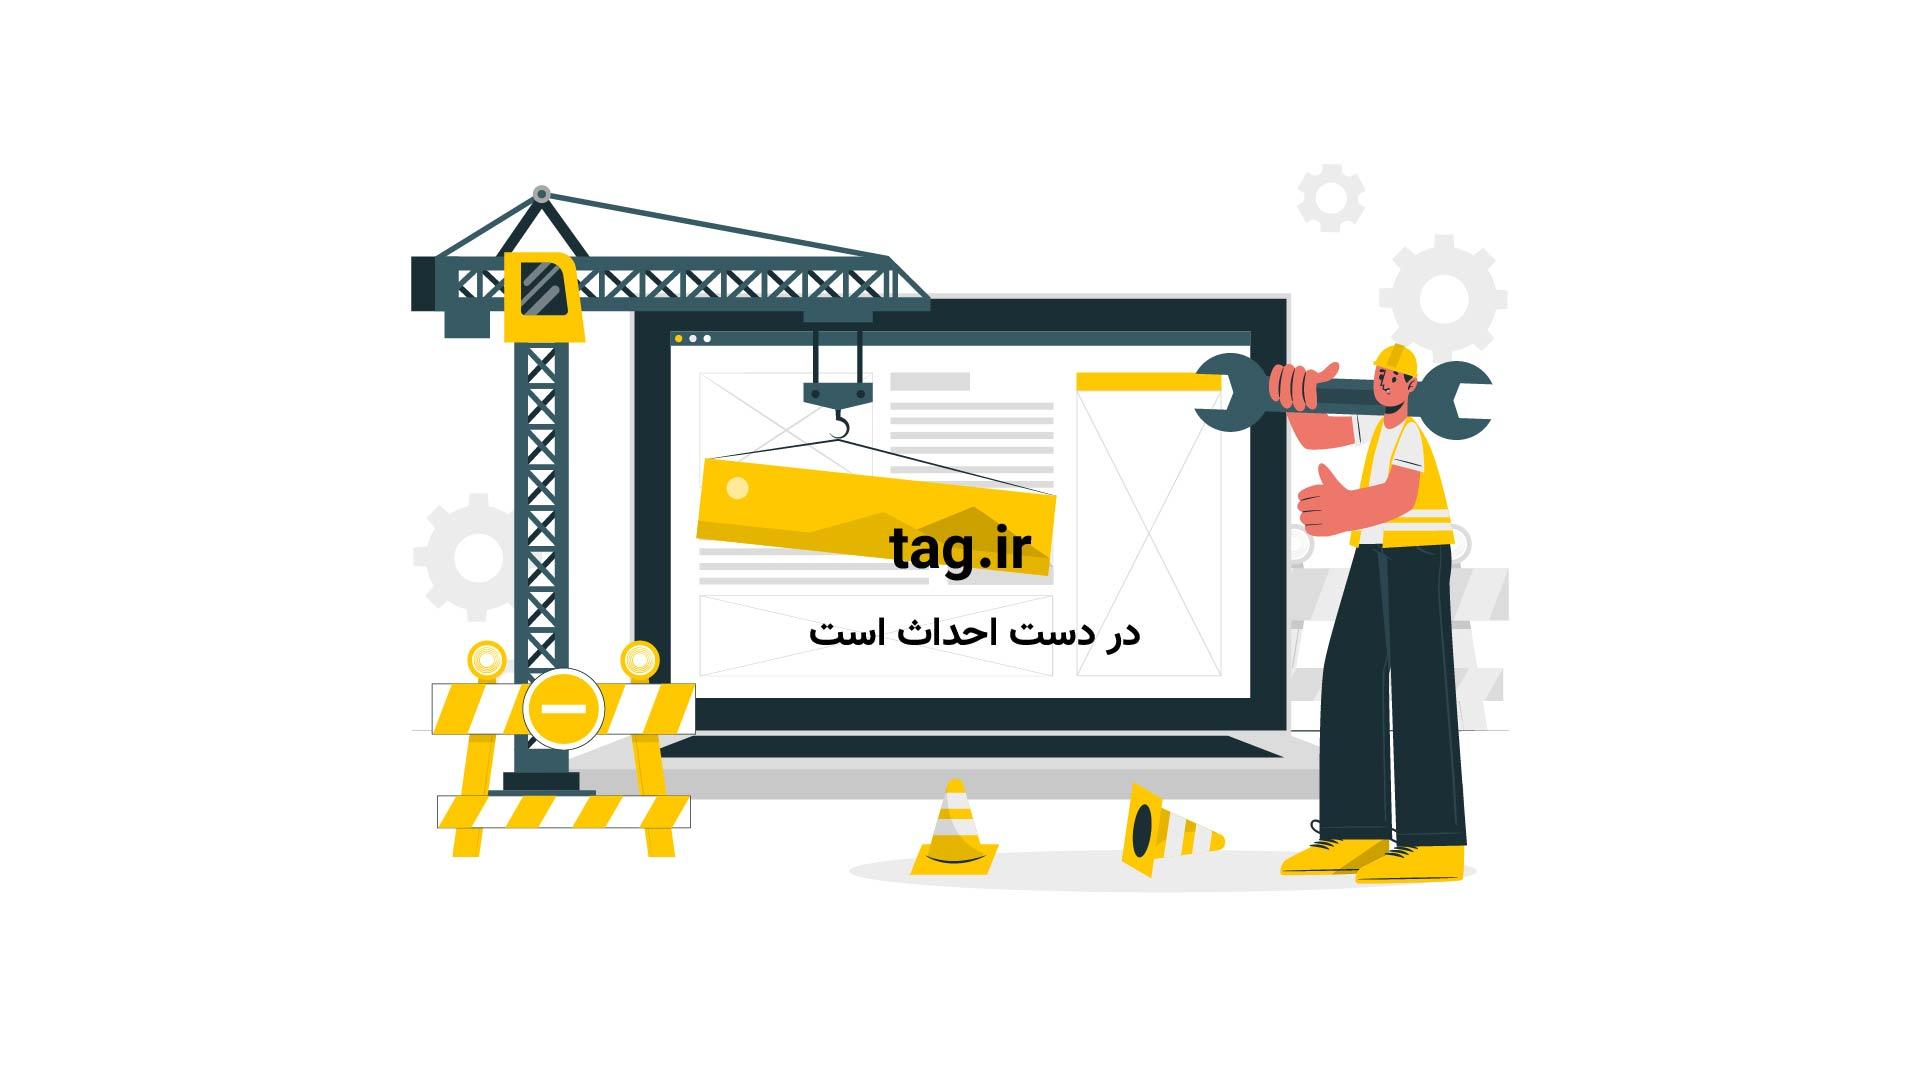 روزنامه-های-اقتصادی | تگ